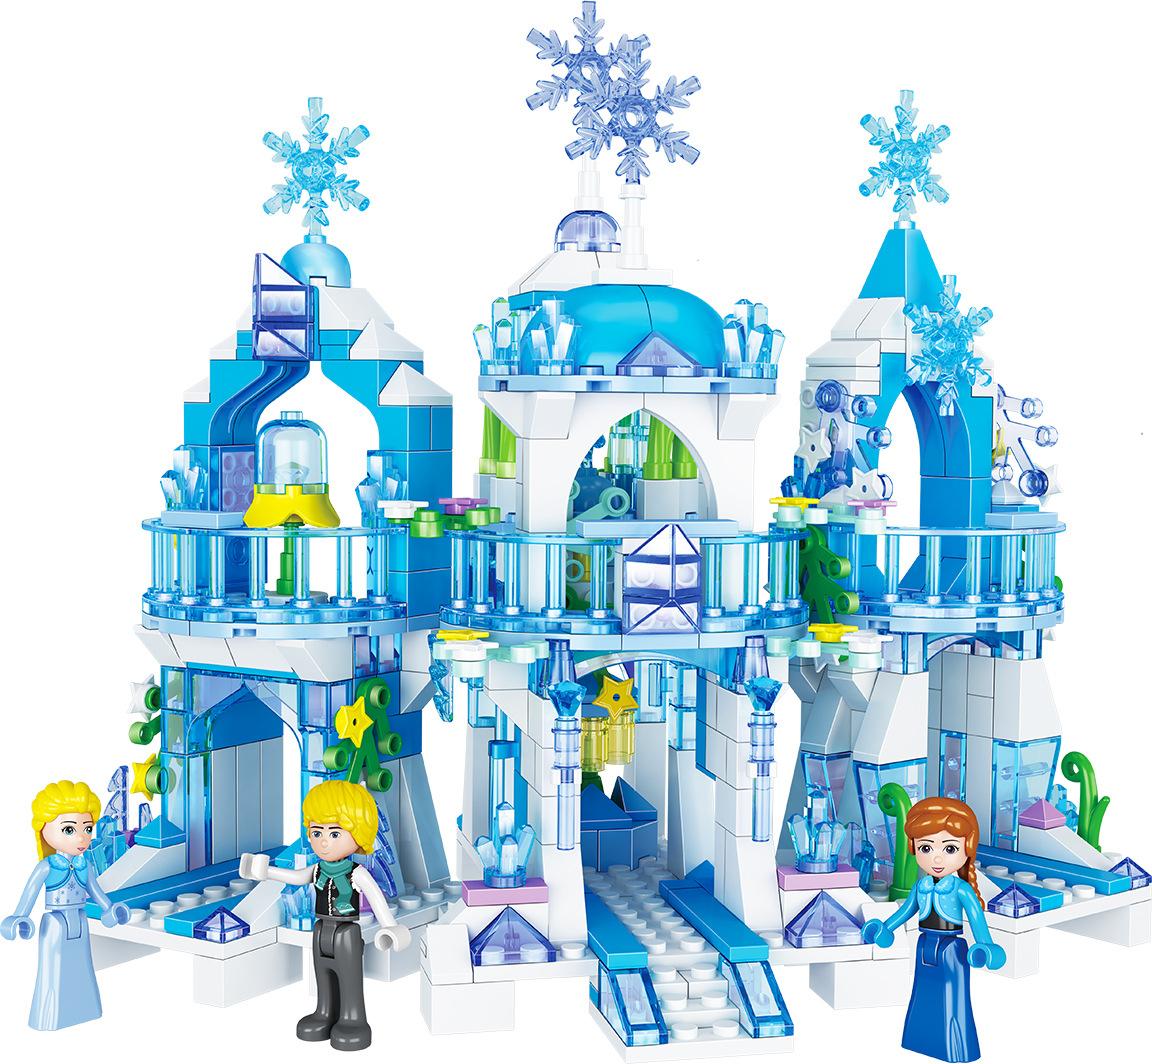 ZheGao QL2217 Frozens Princess Snow Queen Ice CastleModel